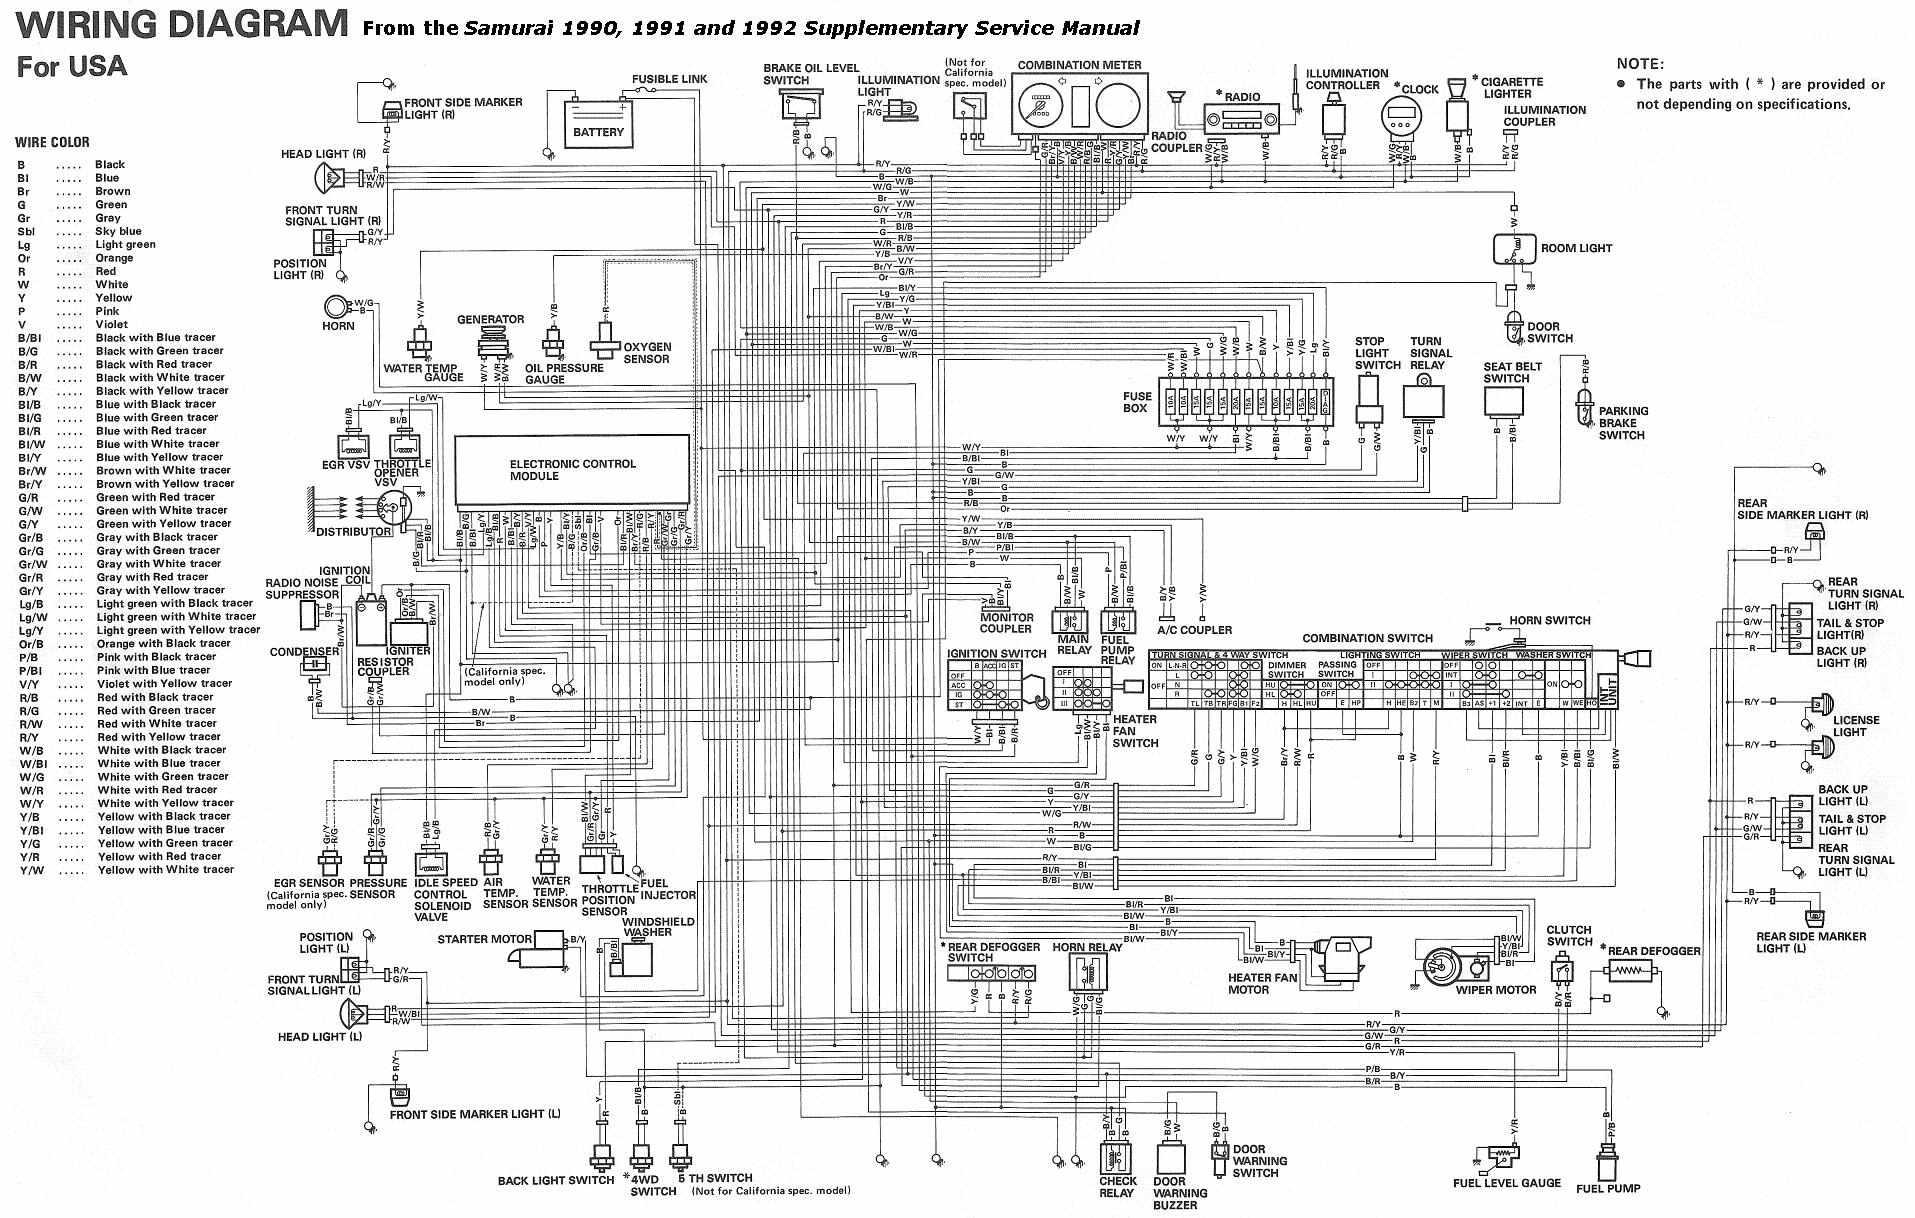 suzuki gn400 wiring diagram suzuki sv650 wiring diagram suzuki motorcycle wiring diagrams suzuki sv650 fuel relay [ 1915 x 1218 Pixel ]